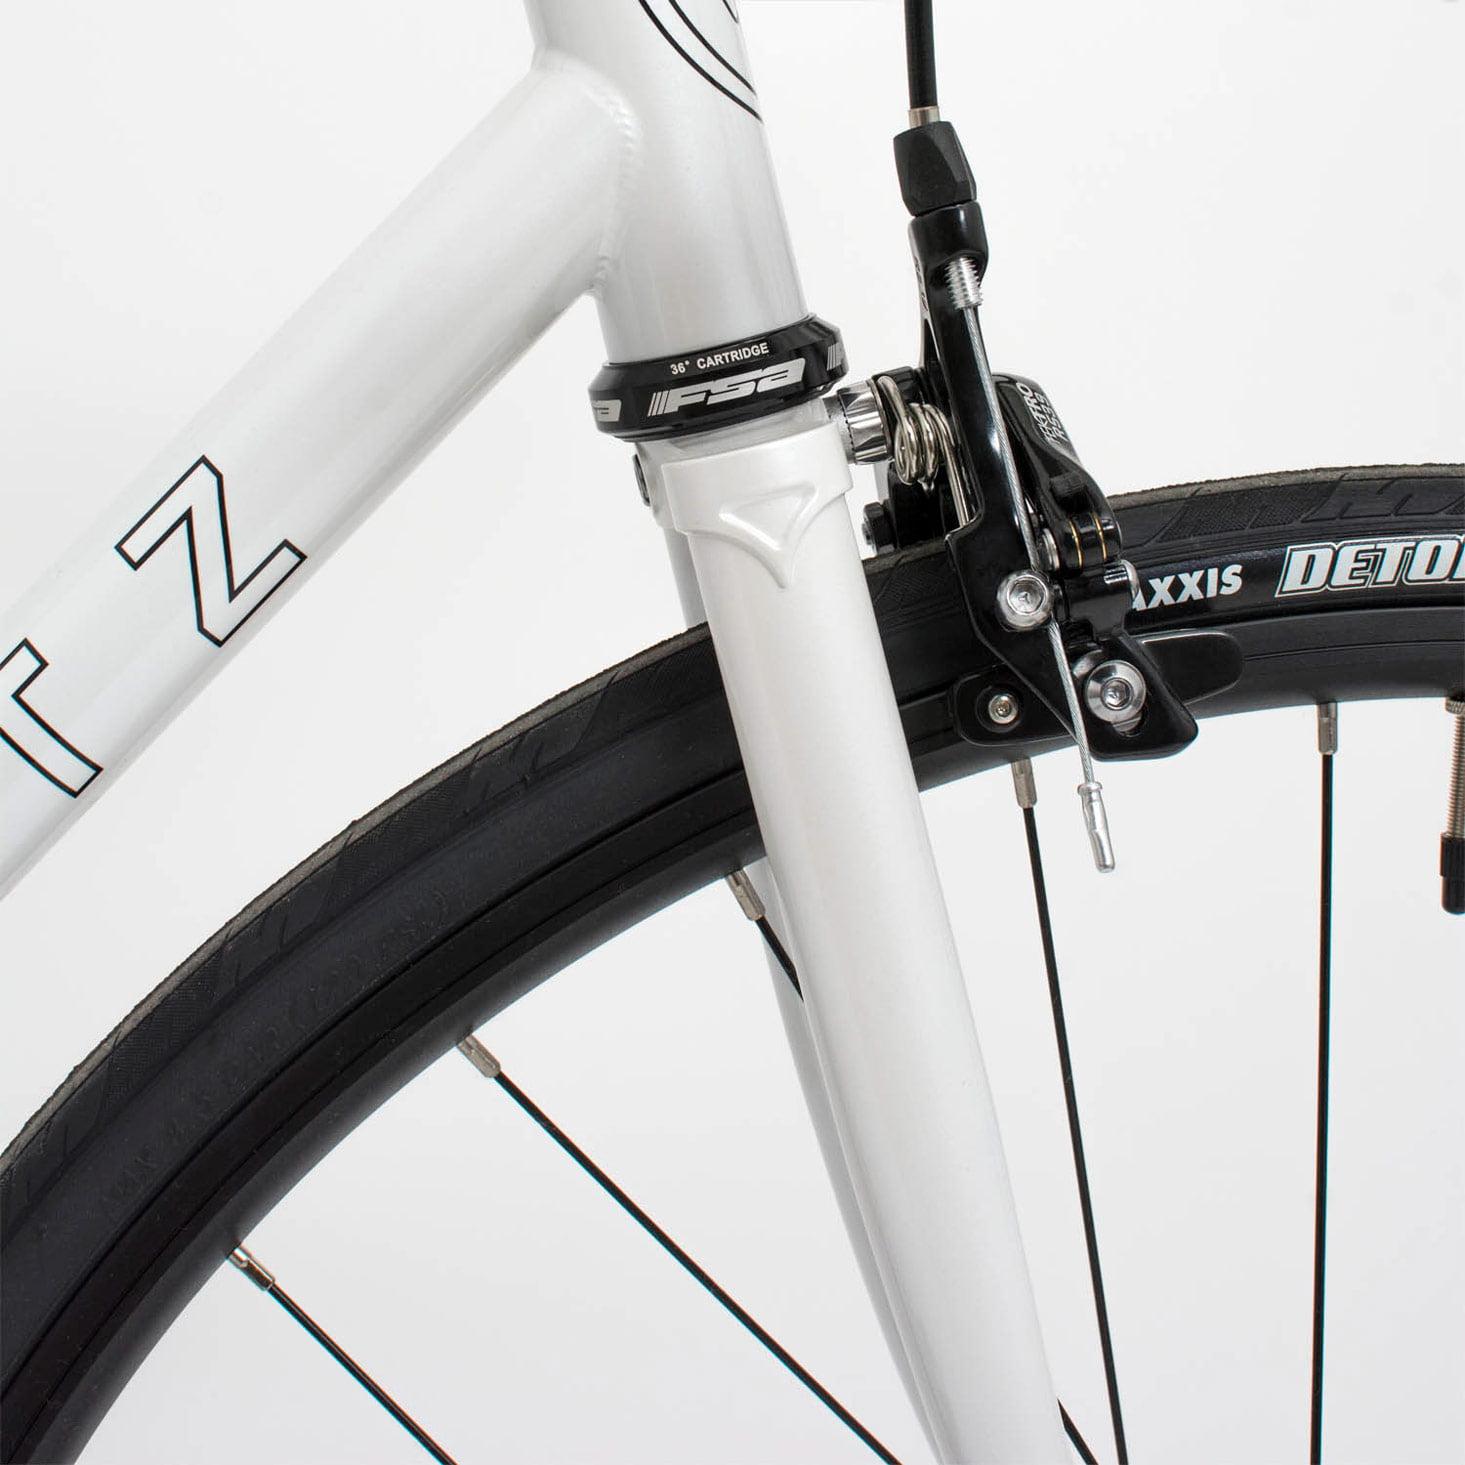 Landyachtz_Spitfire_White_3_Speed_Bikes_5_DSC4832